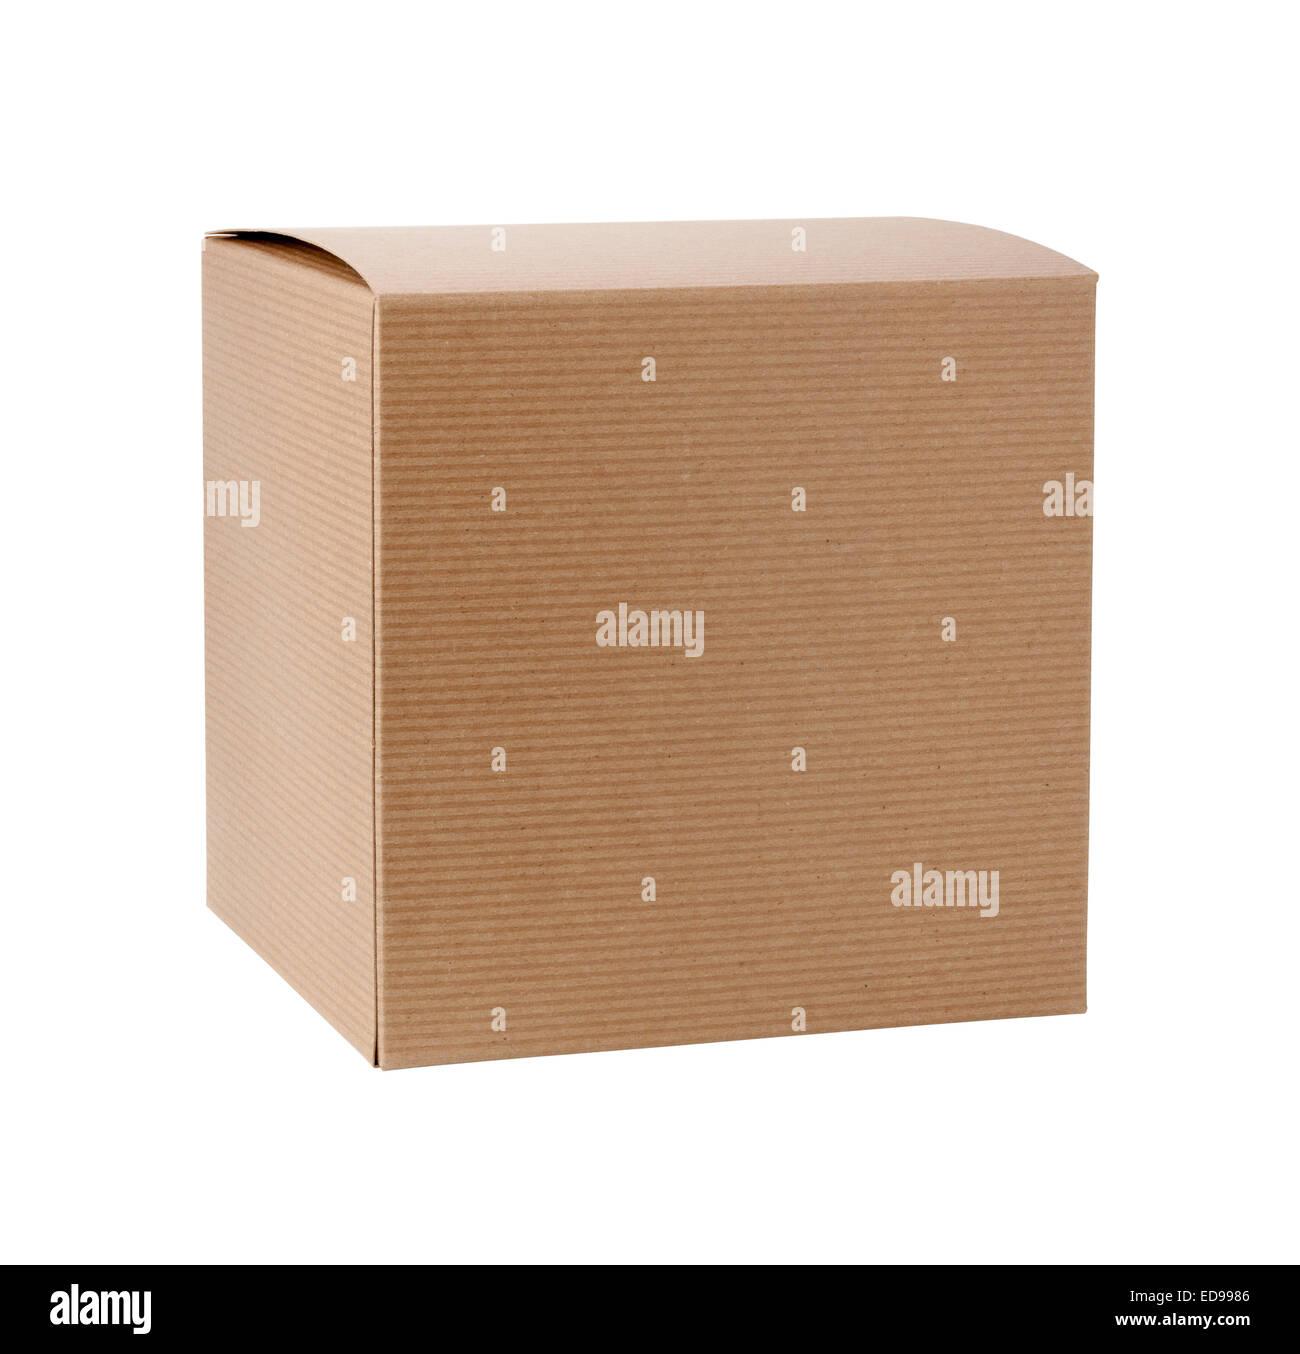 Caja de regalo de cartón cuadrado aislado en blanco Imagen De Stock